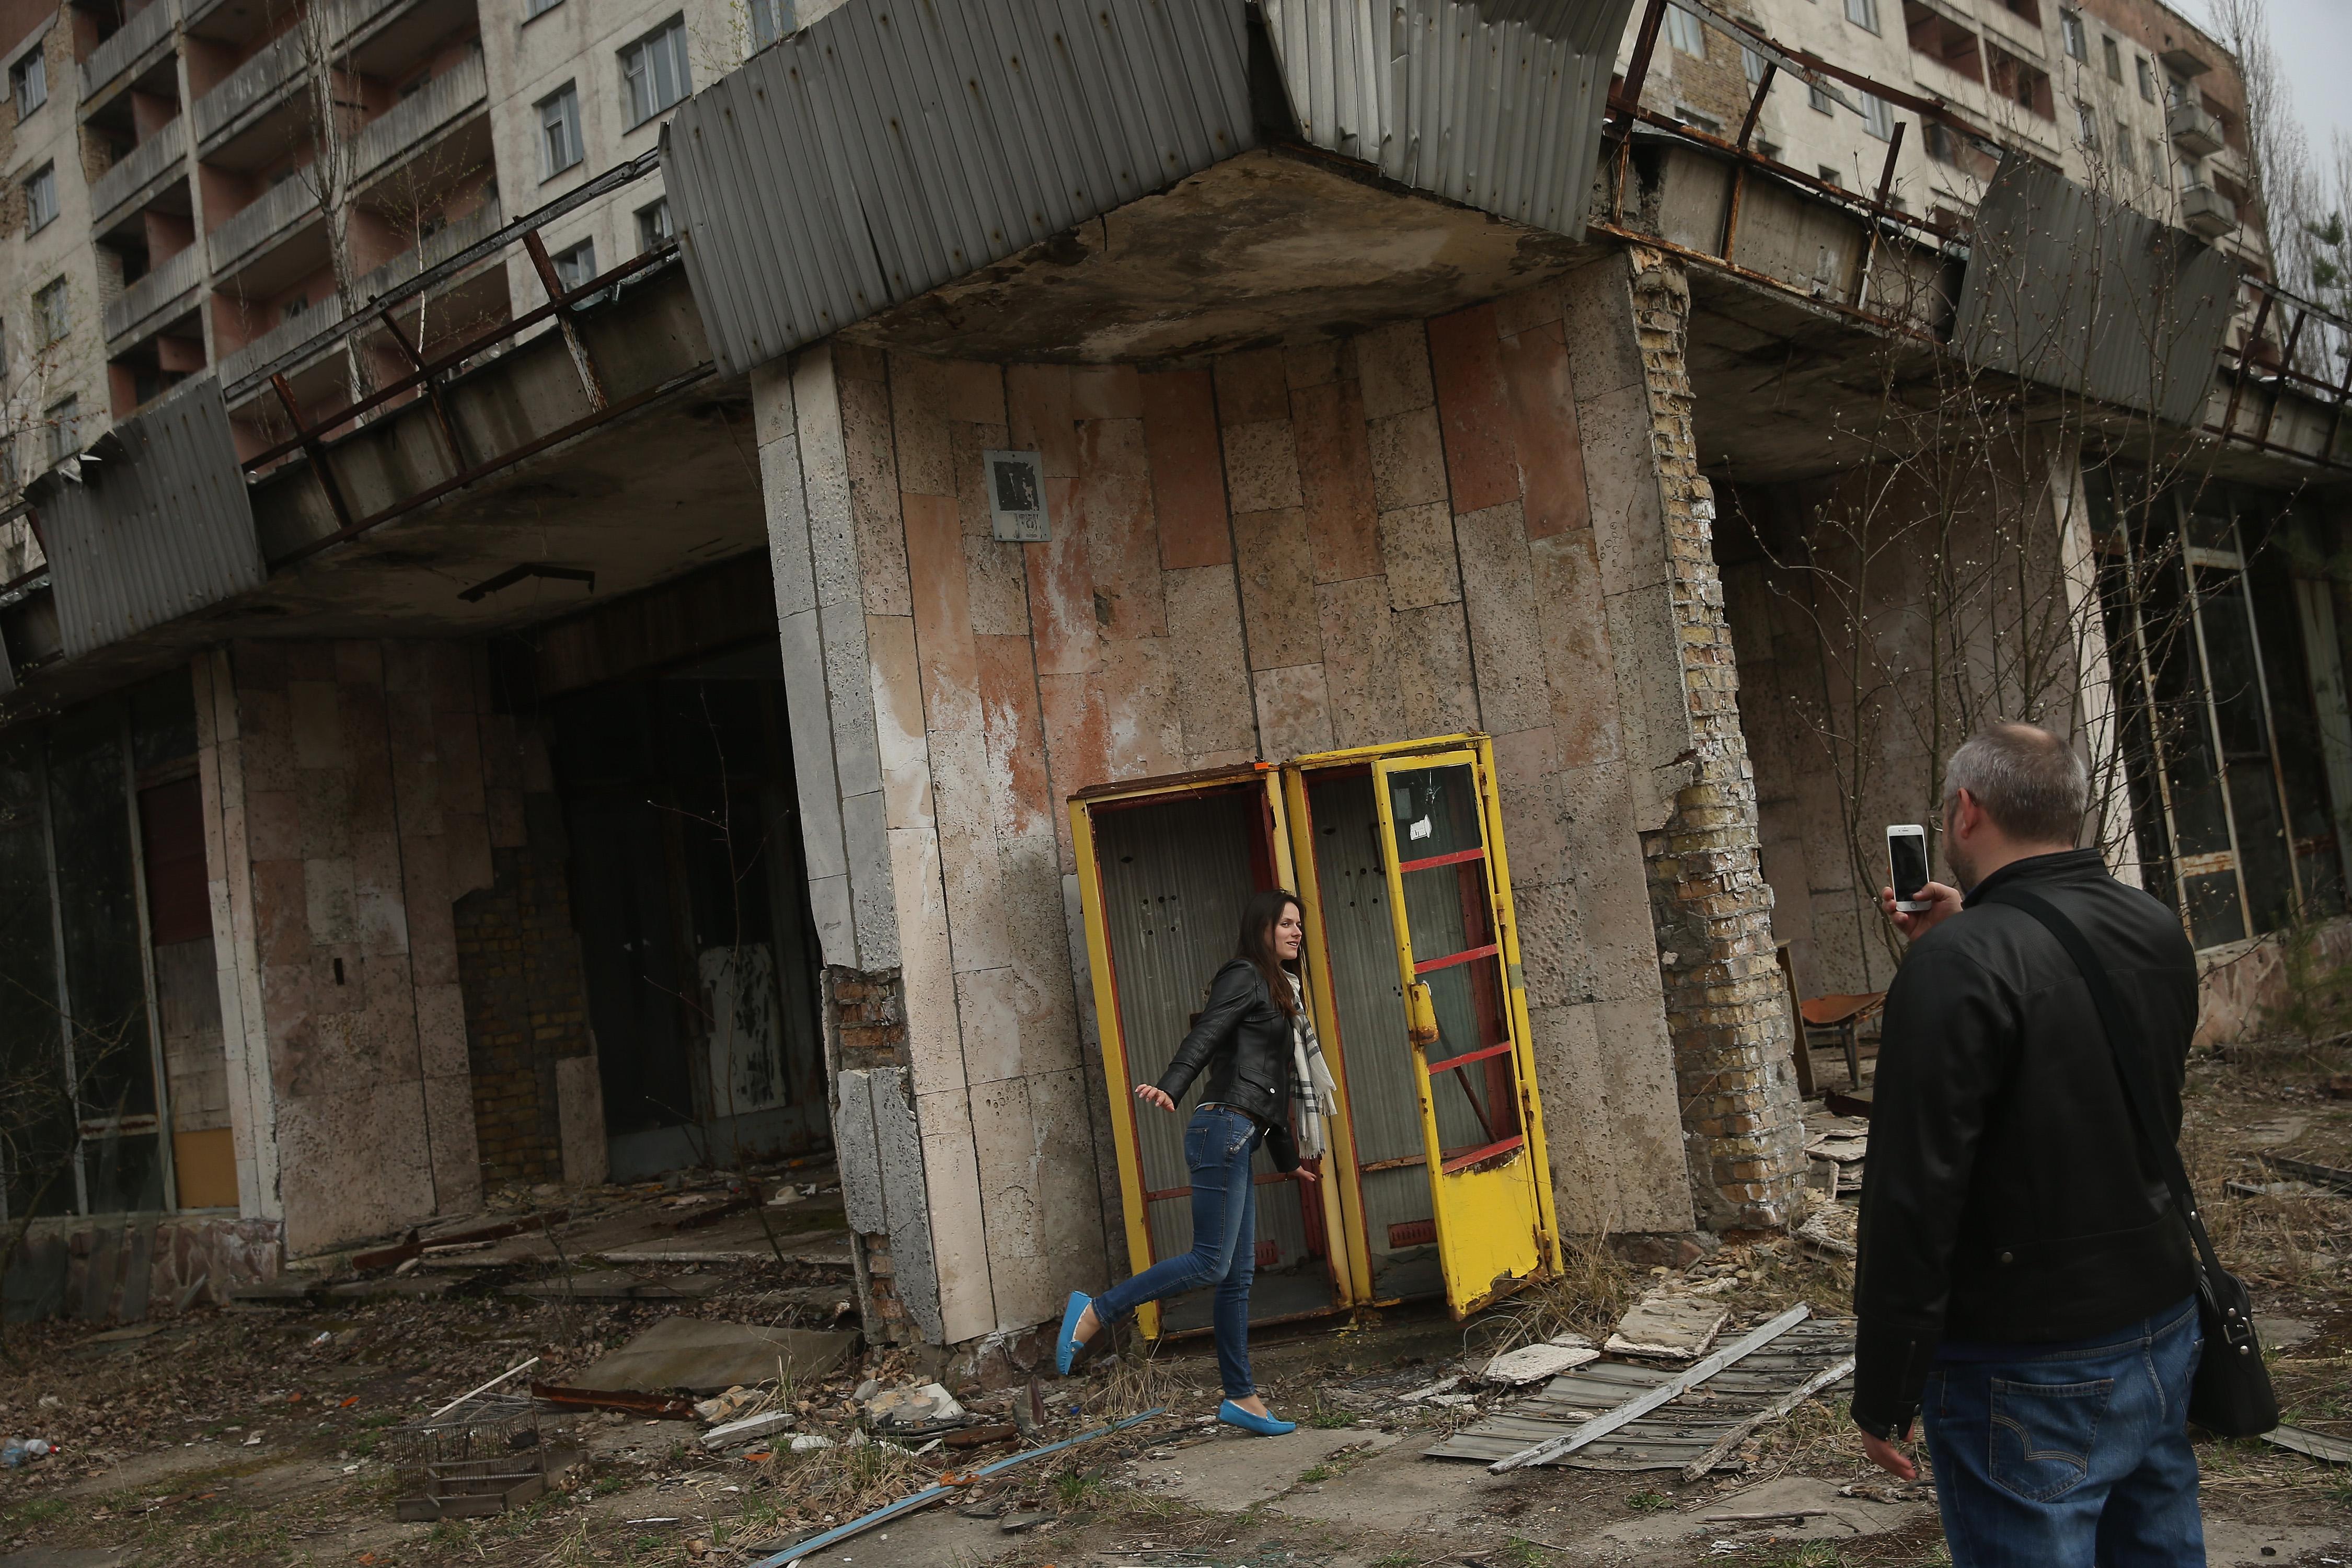 Някогашното място на едно от най-големите бедствия в света все повече се превръща в популярна туристическа дестинация. Миналата година около 70 000 туристи са посетили изоставения район в Украйна. Но с много туристи идва и проблемът с много боклуци, оставен от тях